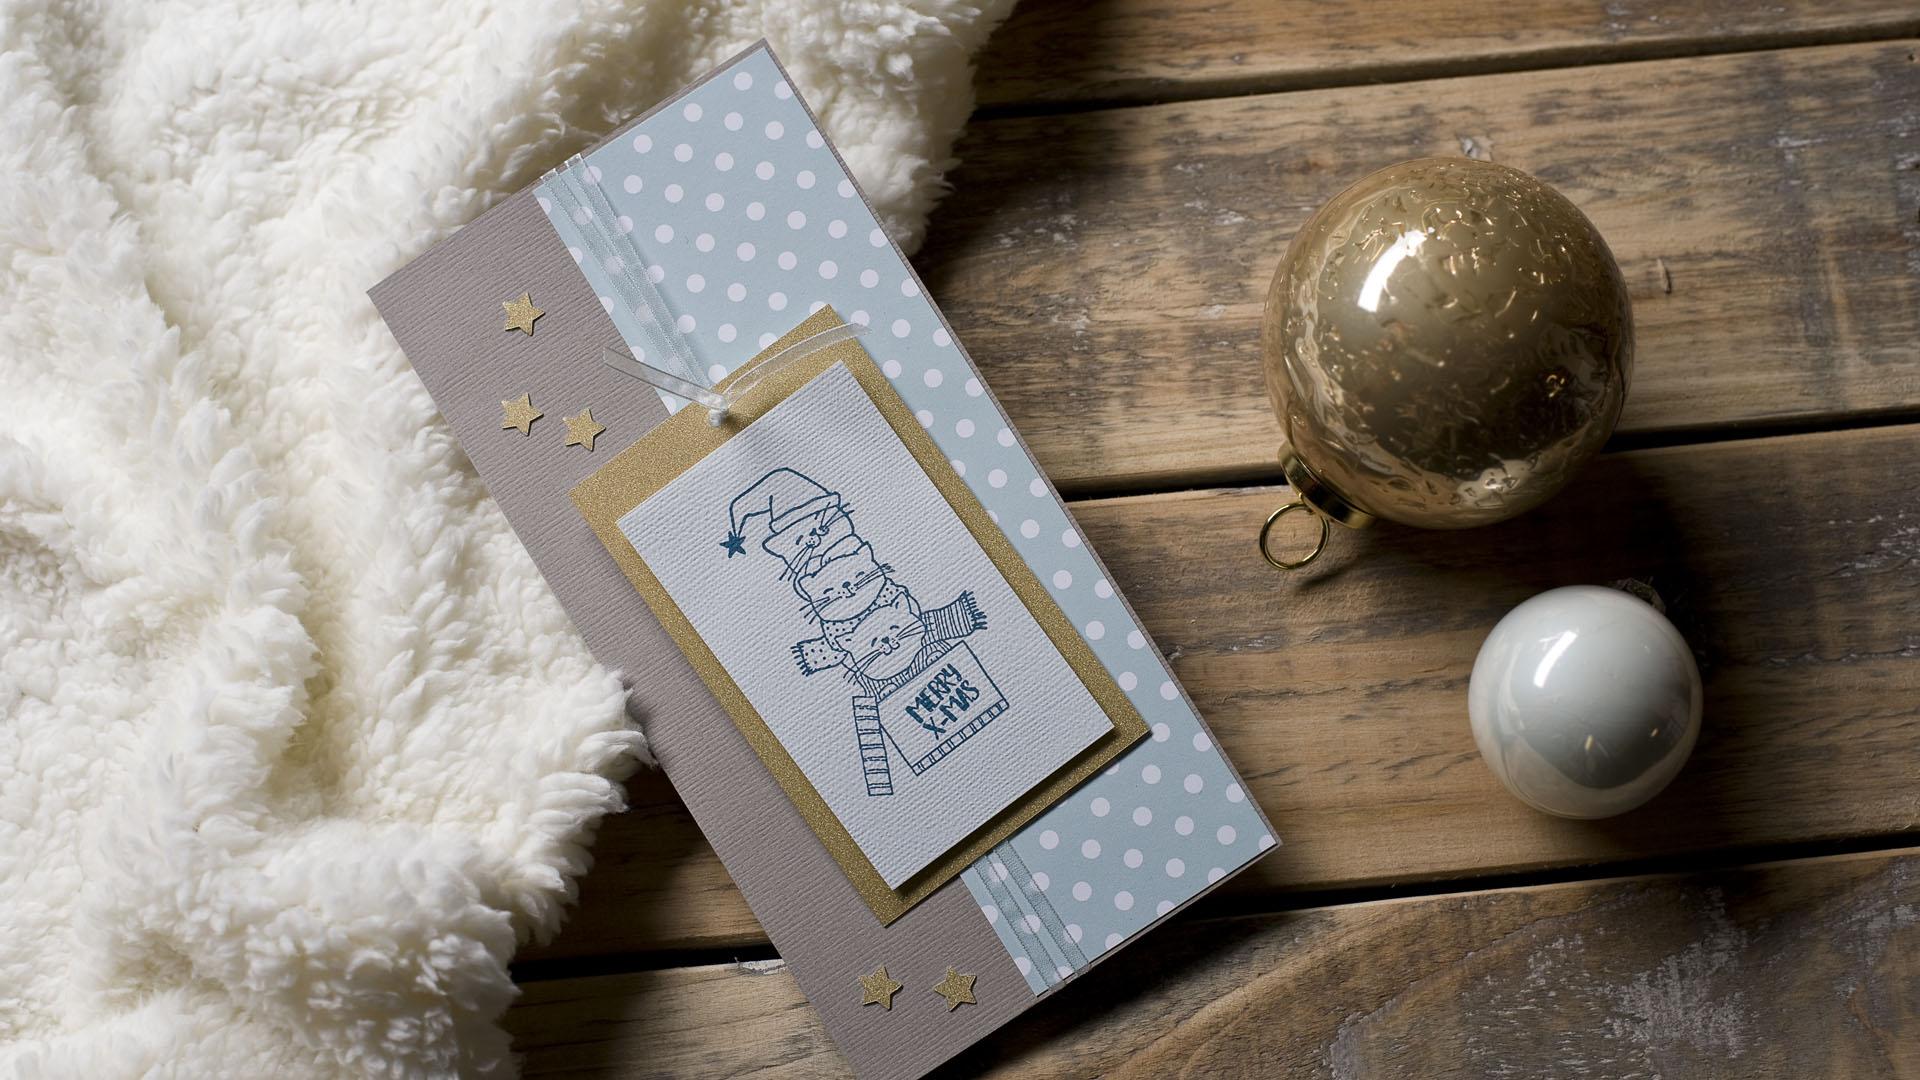 Ideen für die Weihnachtspost: MERRY X-MAS